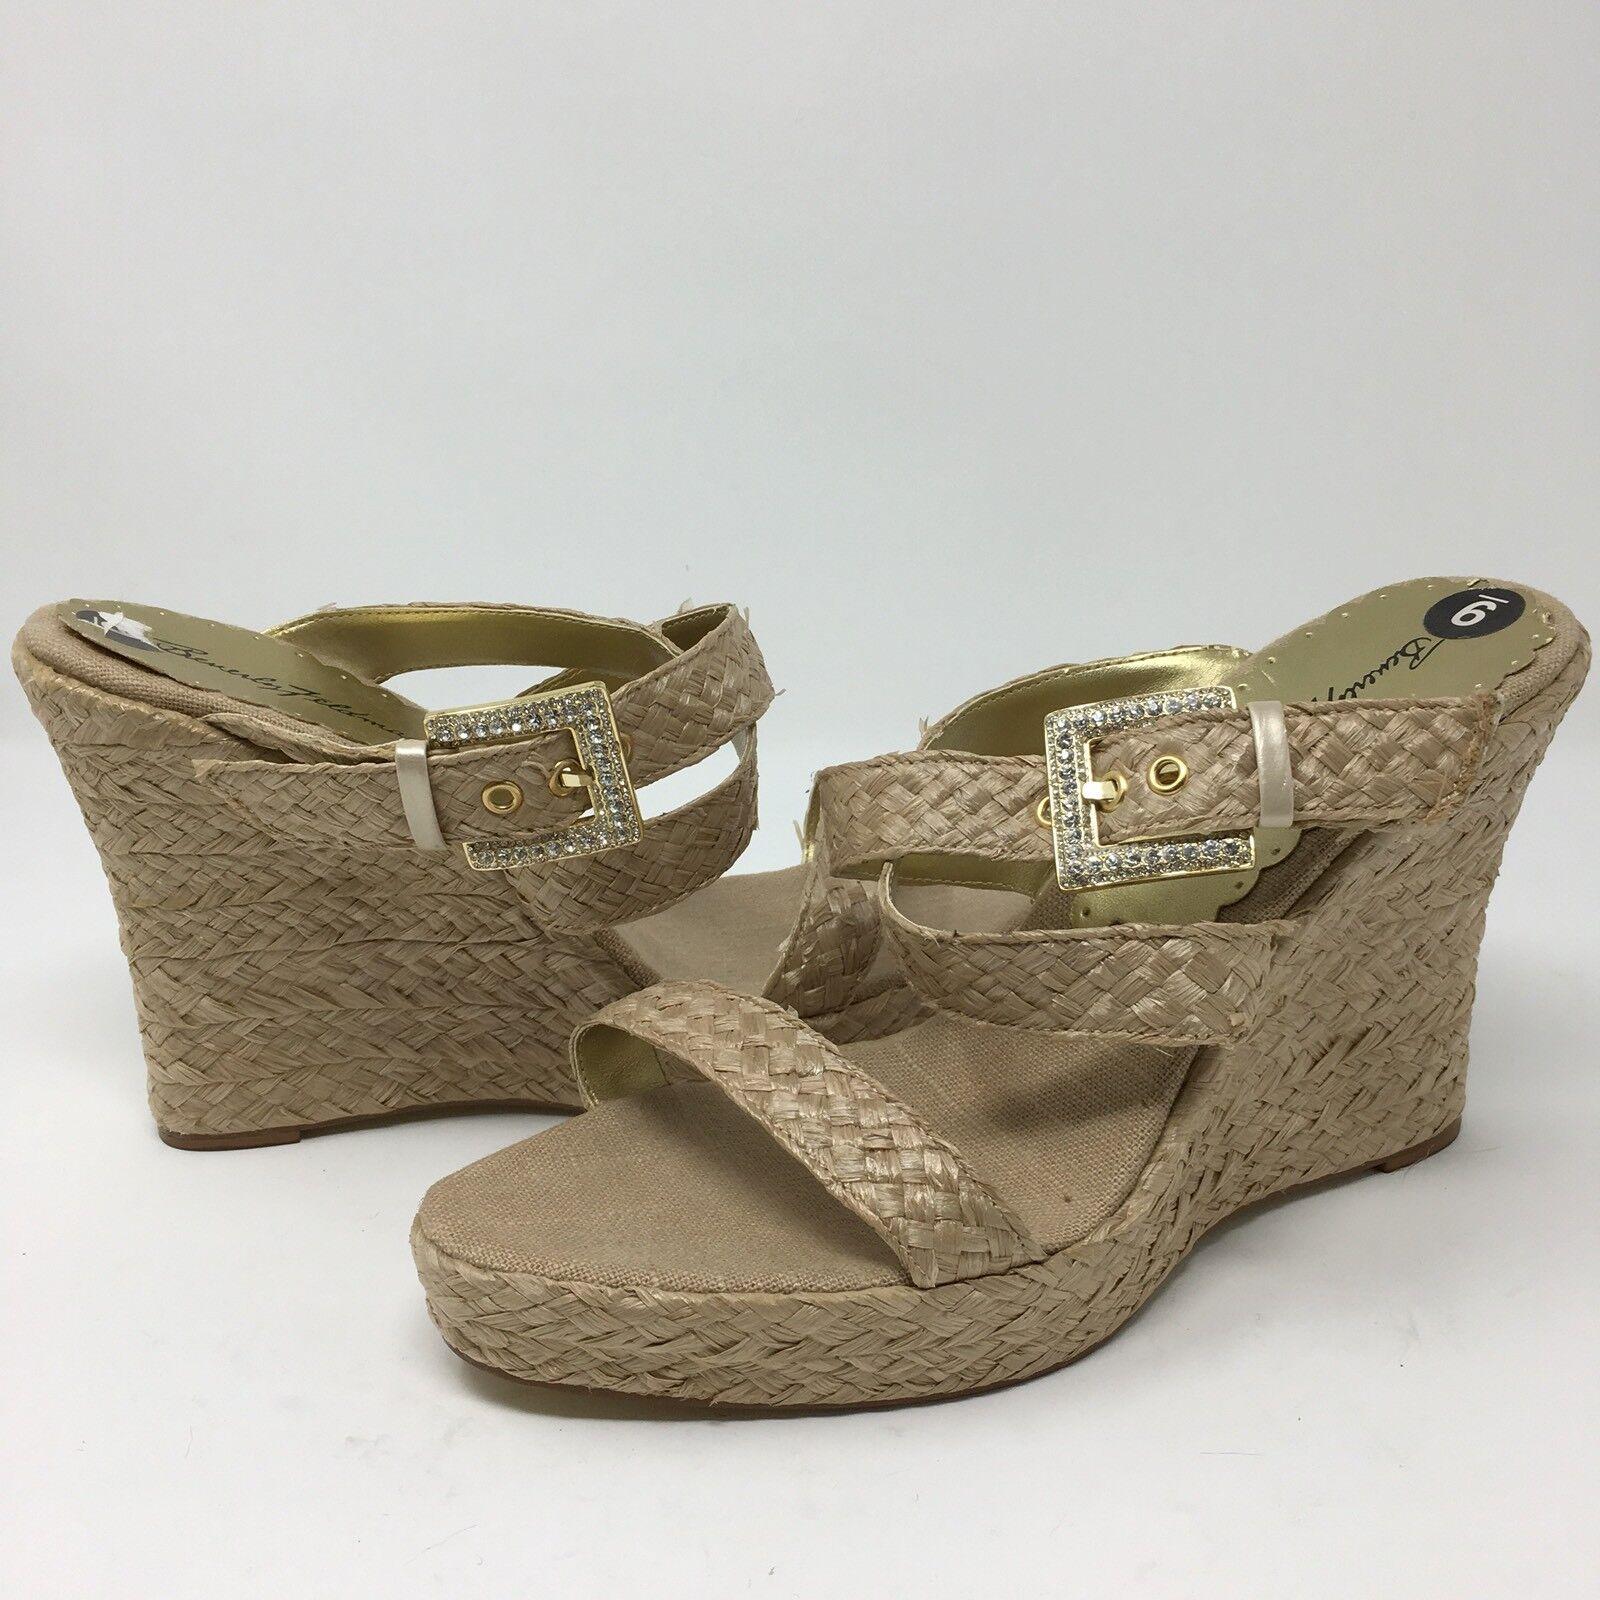 Beverly Feldman Wedge Sandales Heels Größe 9 M Rhinestone Buckle NEU